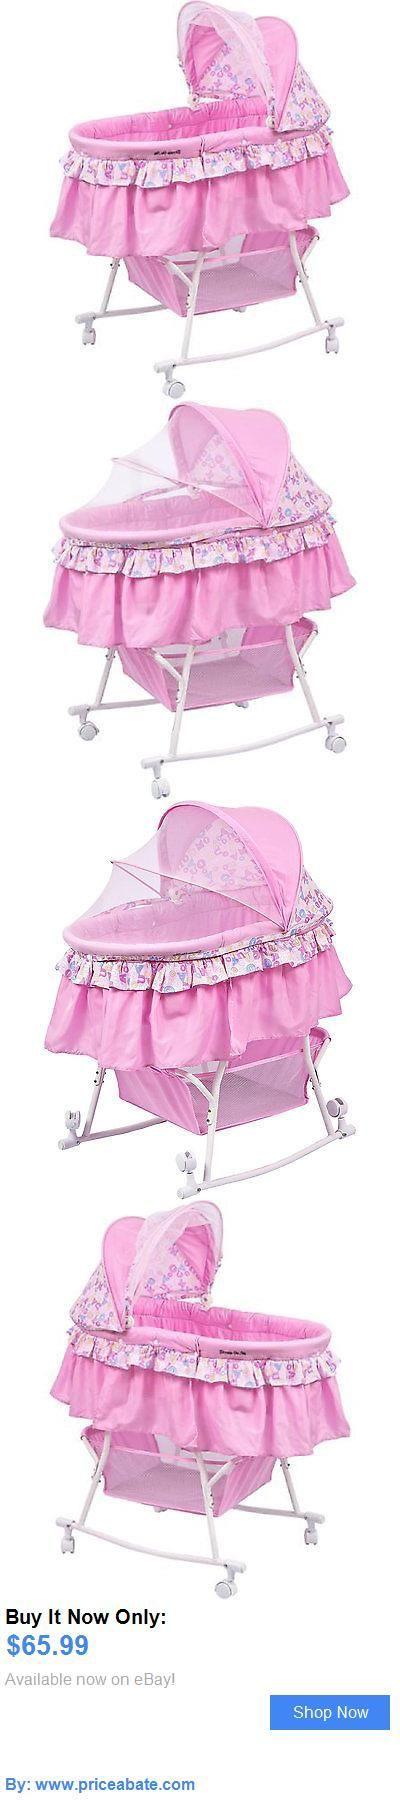 Baby Nursery: Portable Baby Bassinet Cradle Infant Rocking Sleeper Pink Nursery Crib Girls BUY IT NOW ONLY: $65.99 #priceabateBabyNursery OR #priceabate